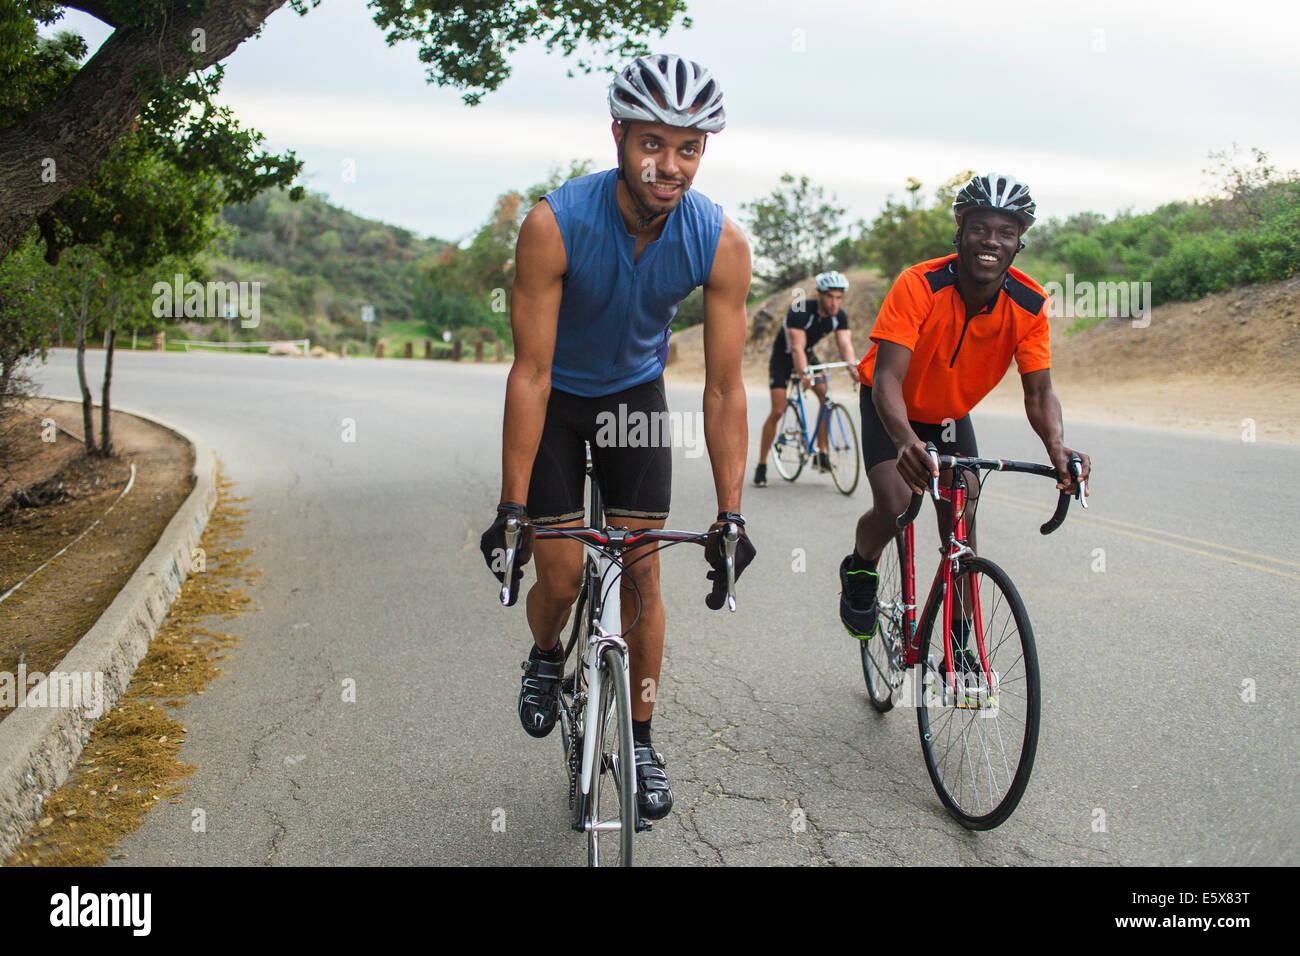 Los ciclistas en carretera ascendente Imagen De Stock